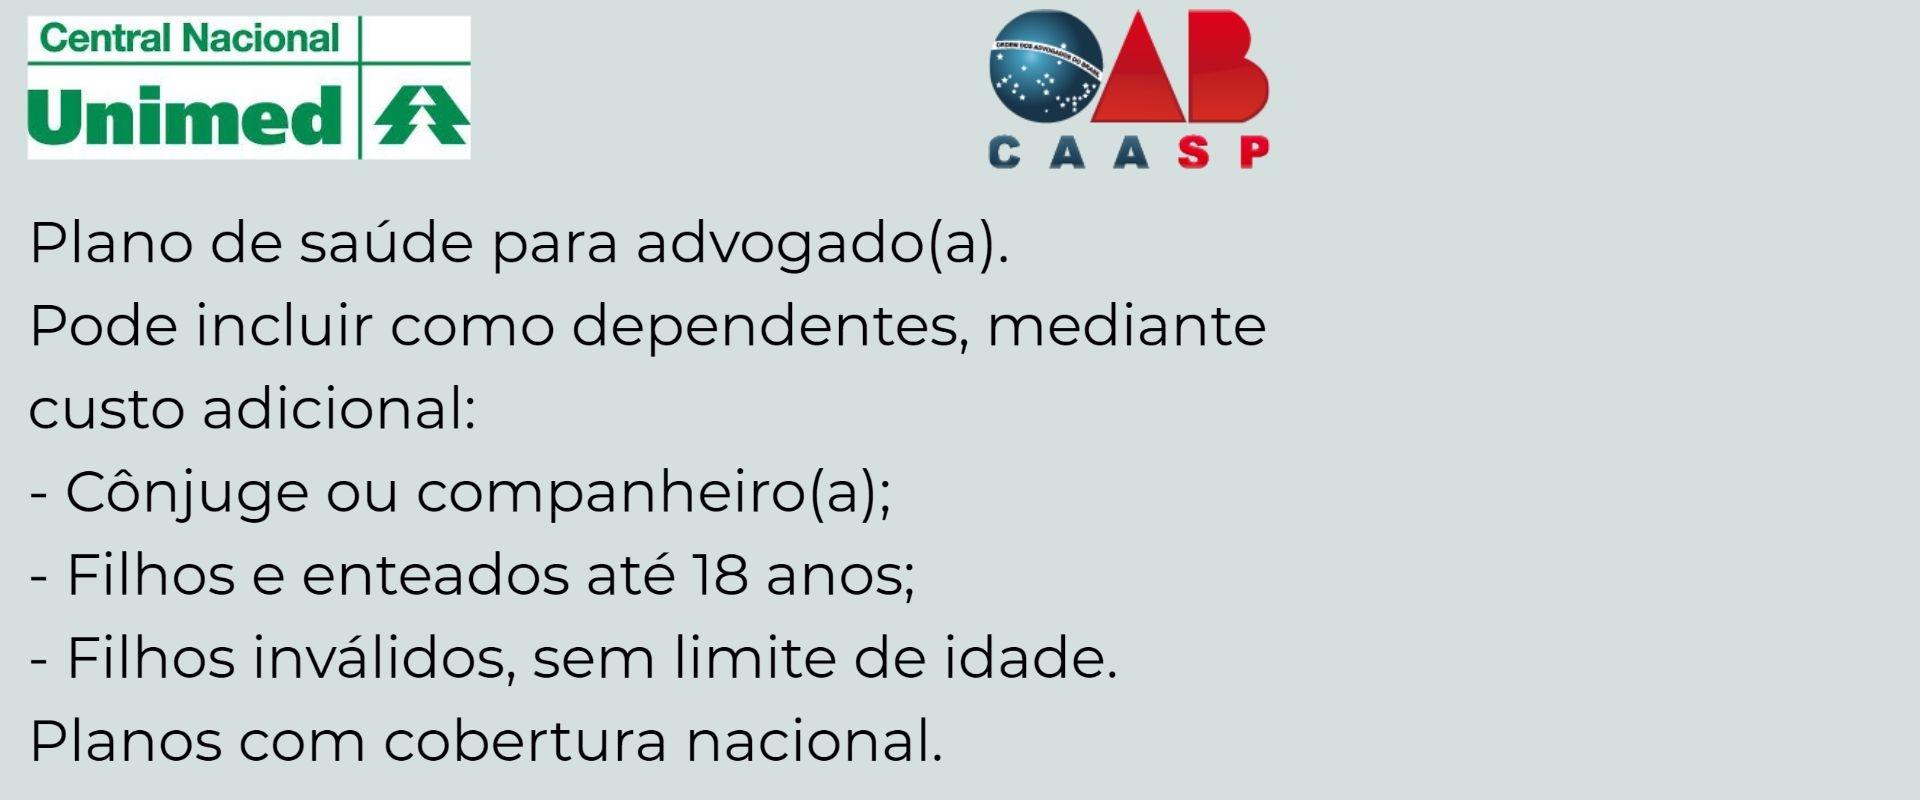 Unimed CAASP Andradina